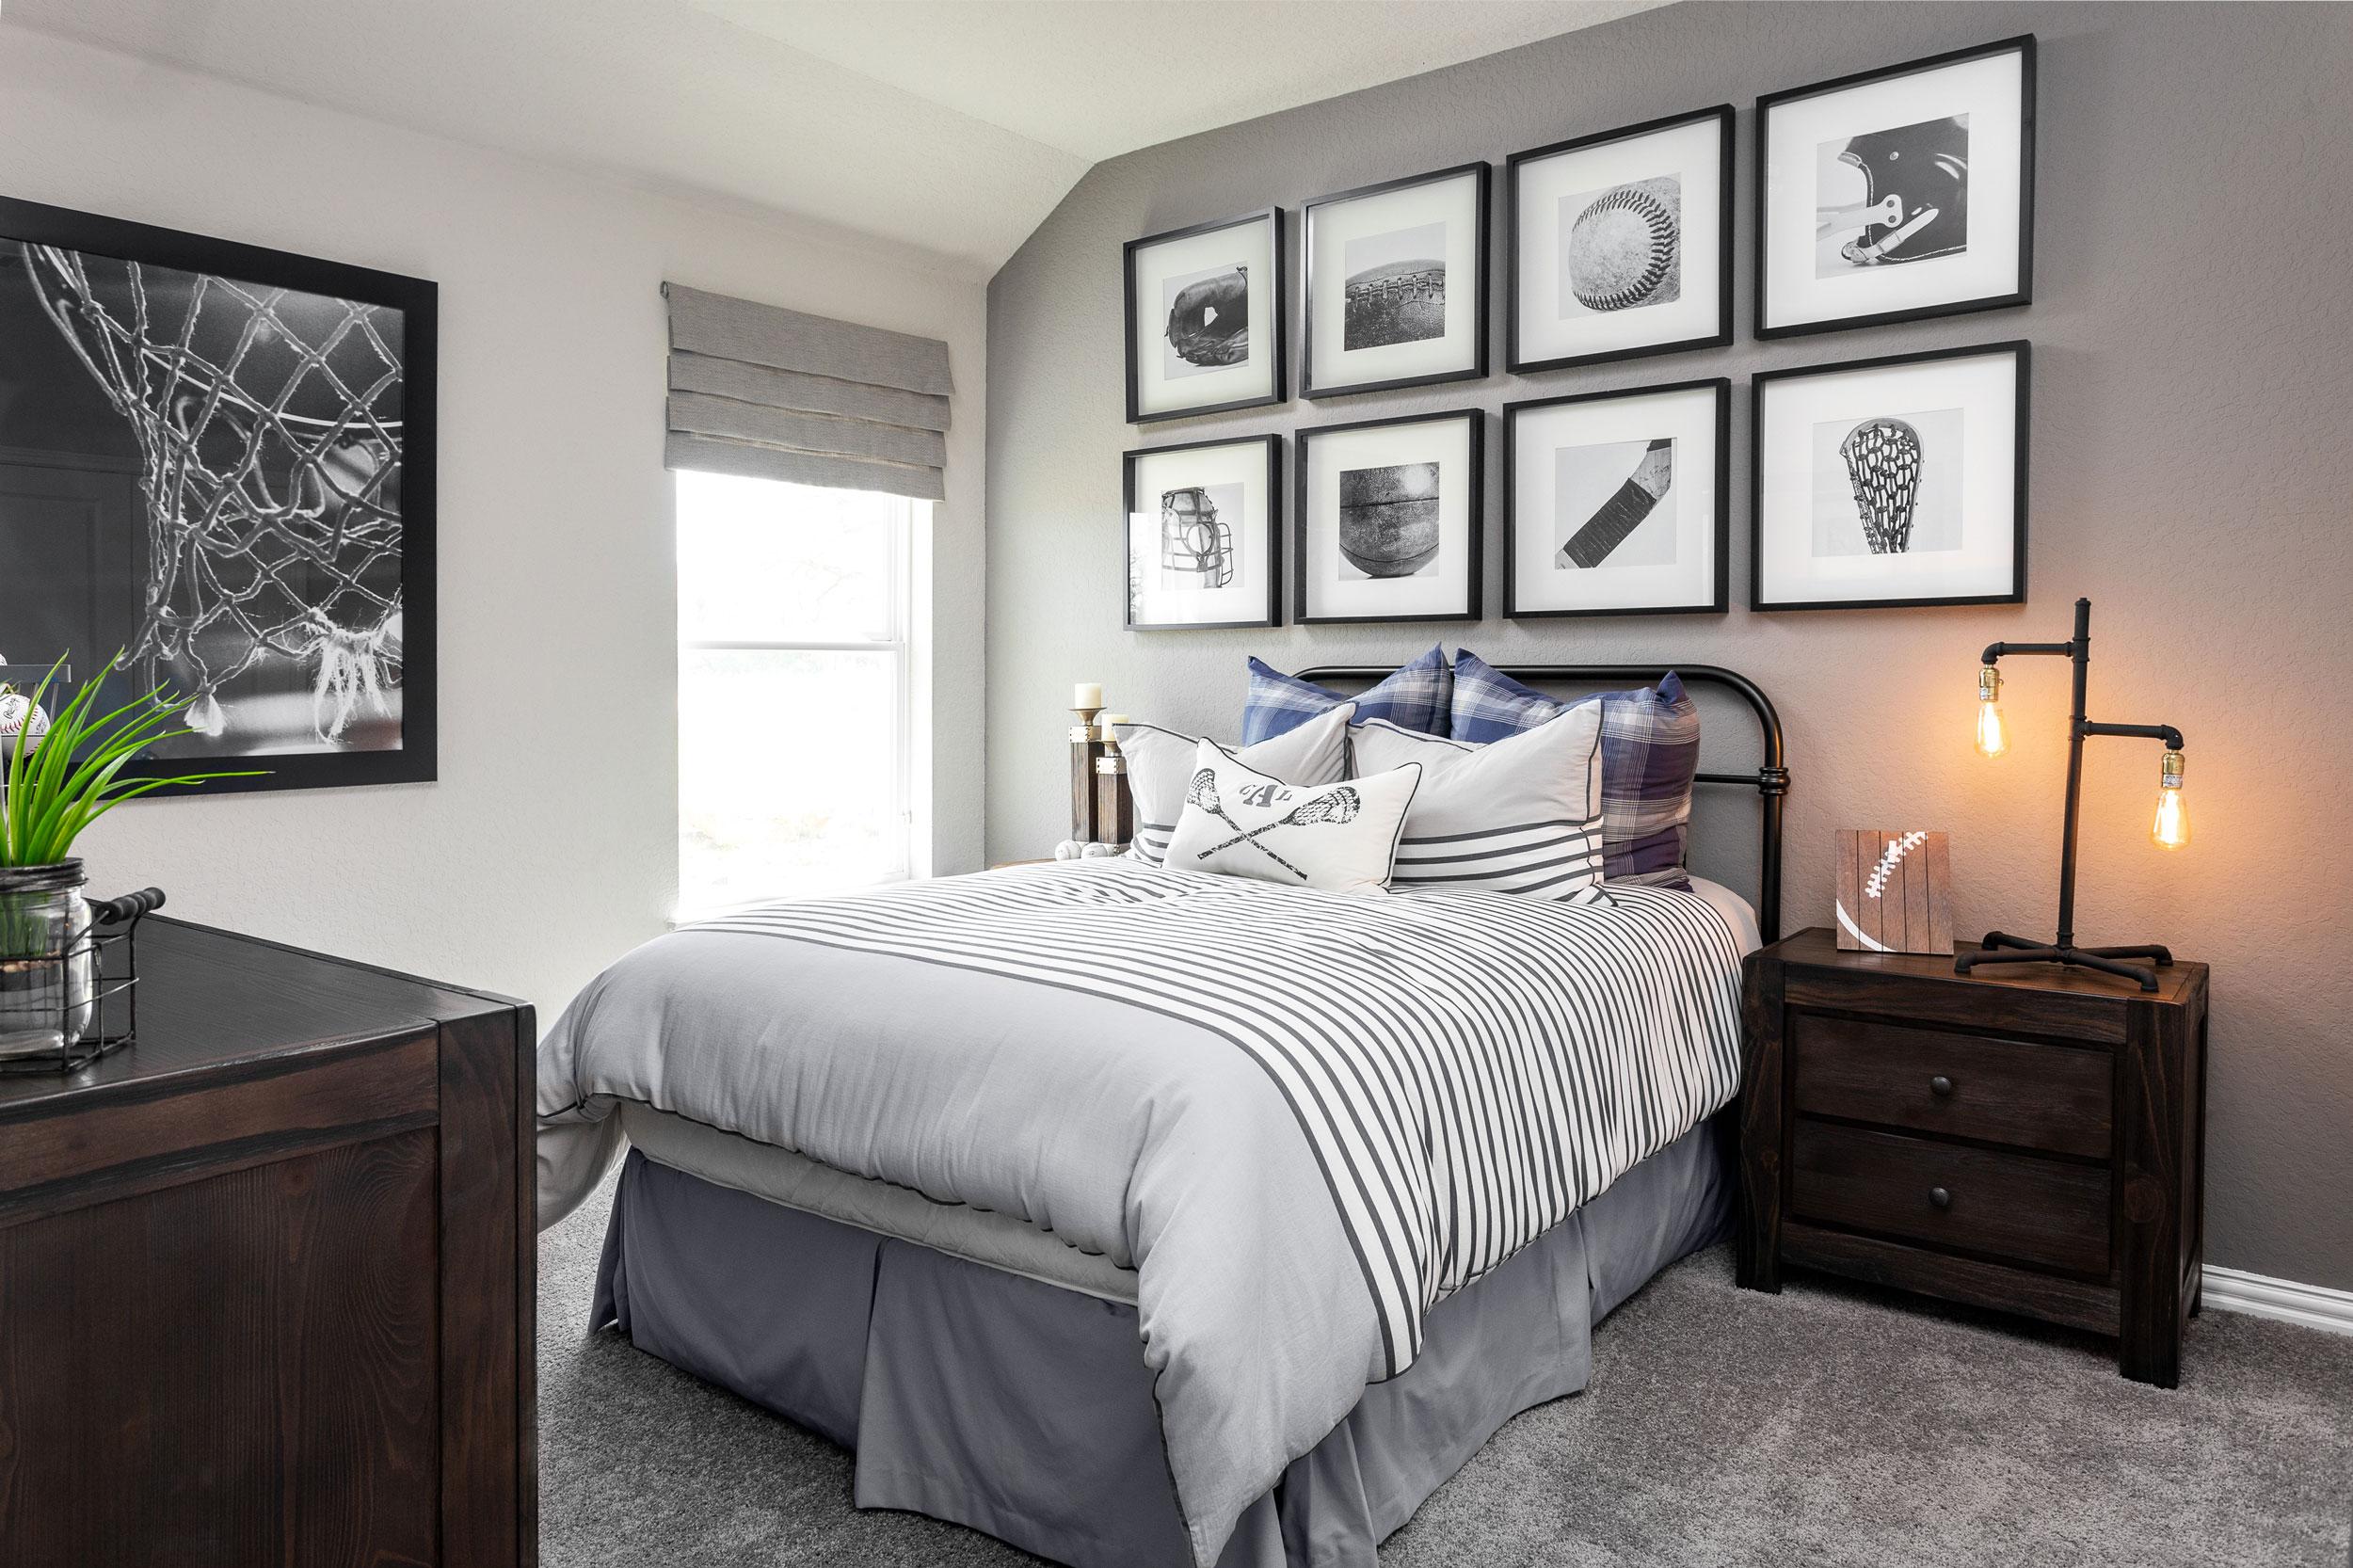 kids-bedroom-design.jpg